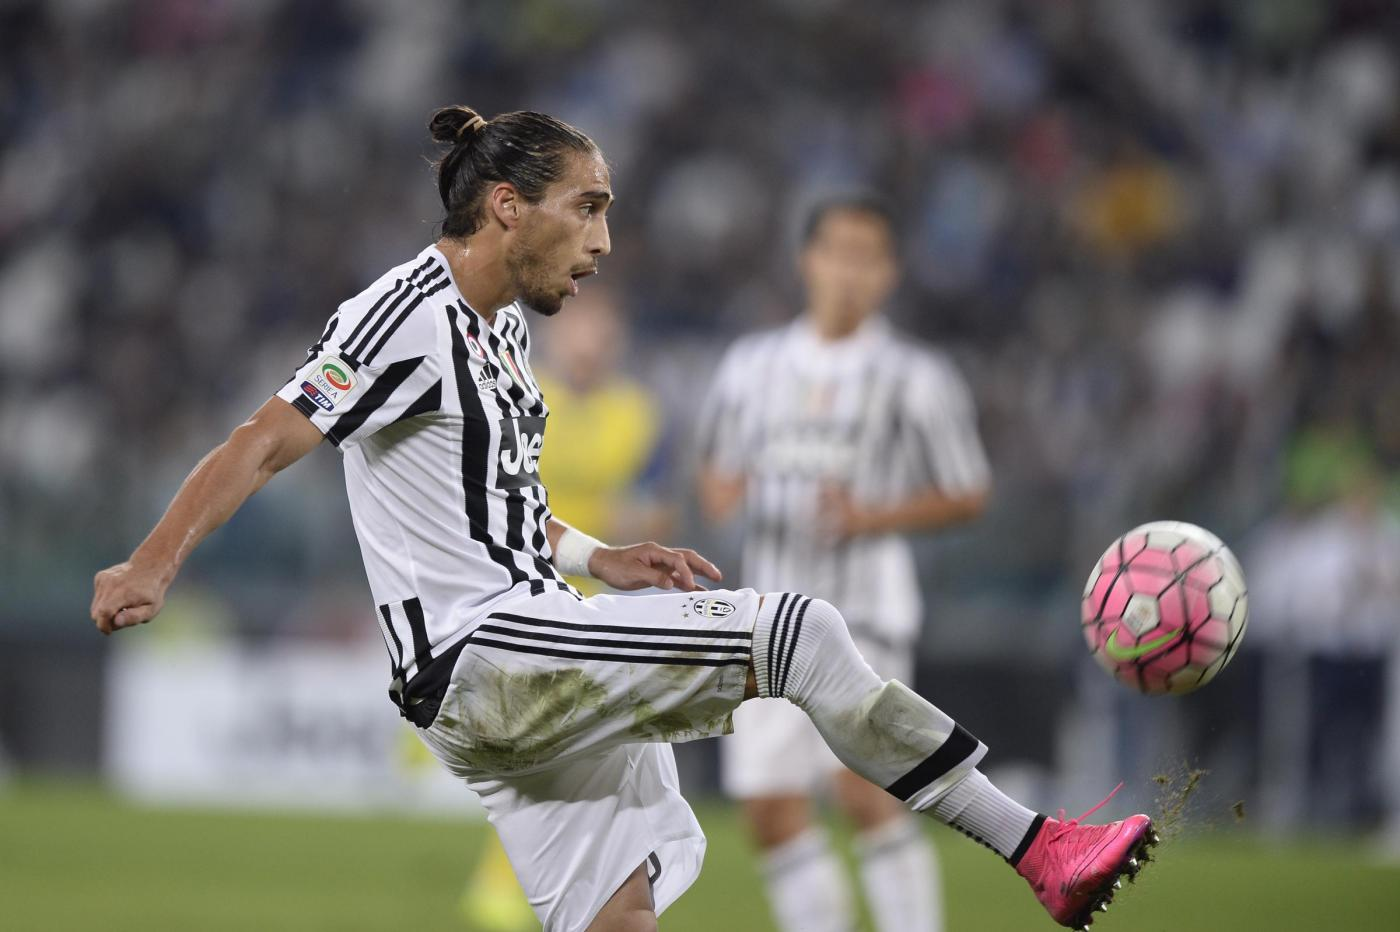 Mercato Juve 27 gennaio: Martin Caceres può ormai dirsi un nuovo giocatore della Juve. Tutto fatto per il suo ritorno a Torino.